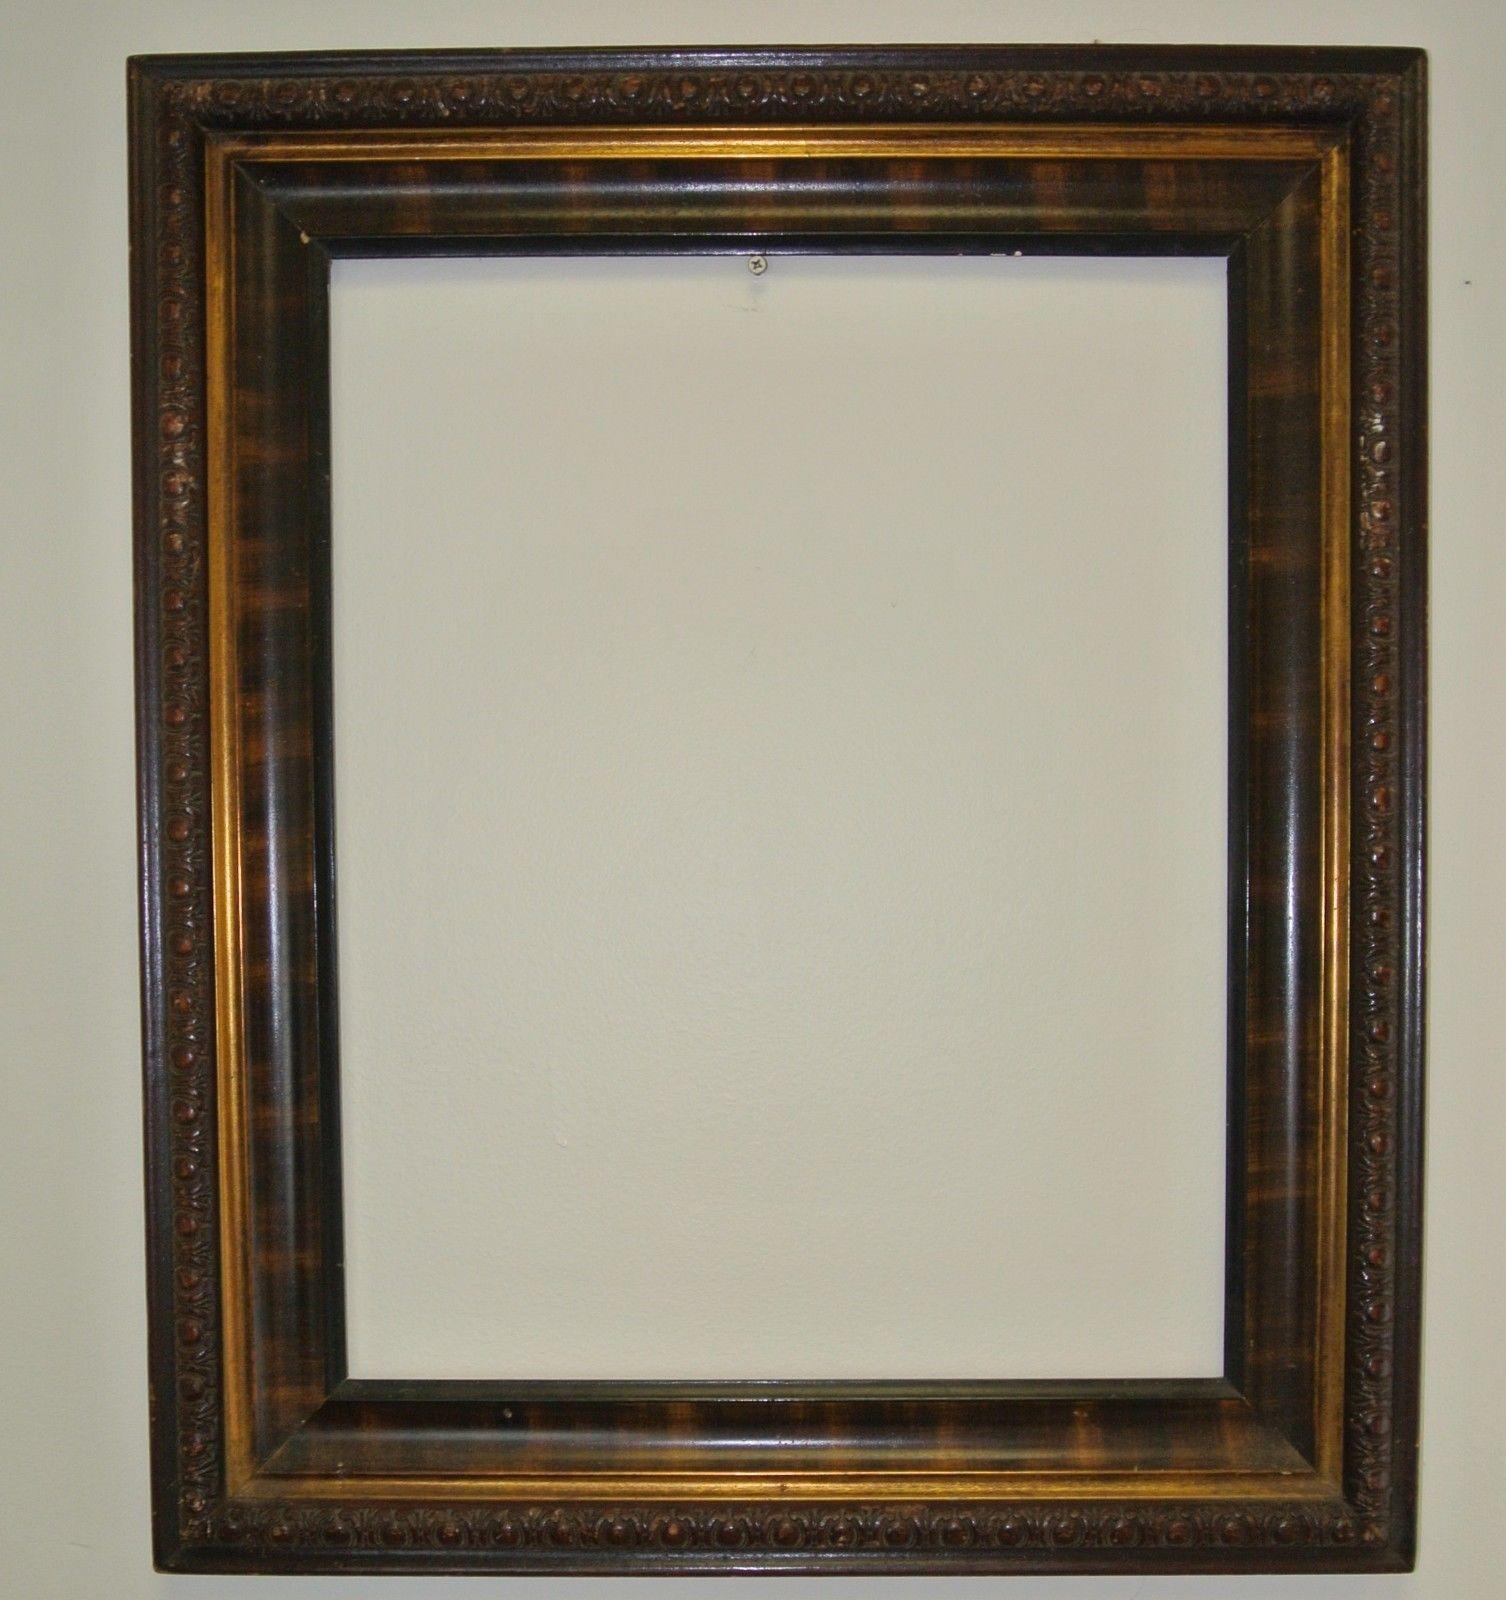 Darkwood Bakelight Vintage Picture Frame Pictureframe Photos Gifts Dark Wood Frames Wood Picture Frames Picture Frames